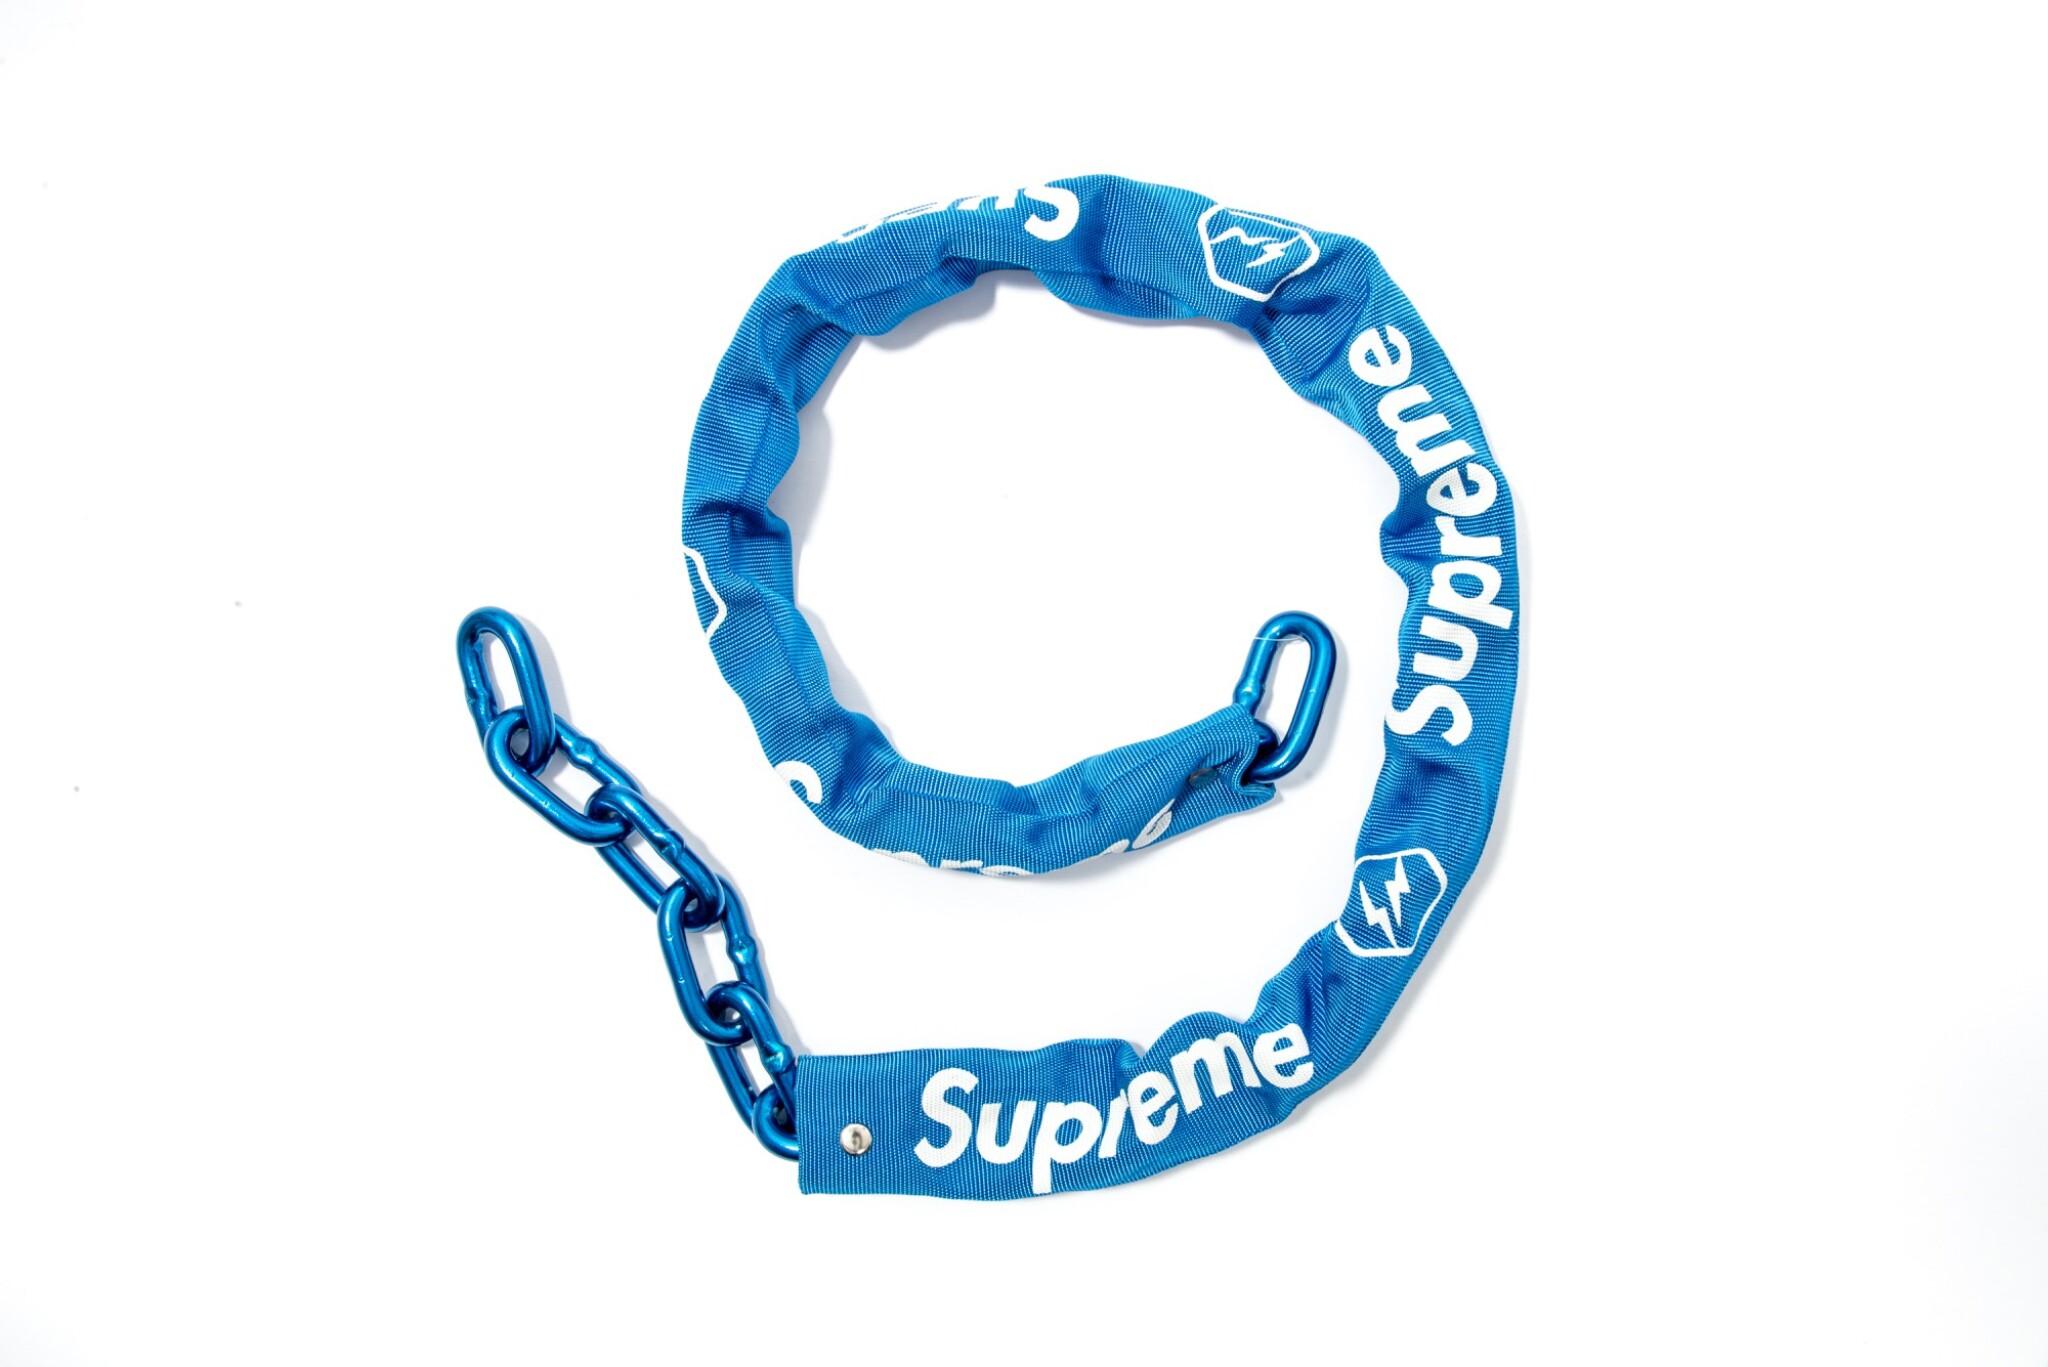 SUPREME x FRAGMENT BIKE CHAIN BLUE